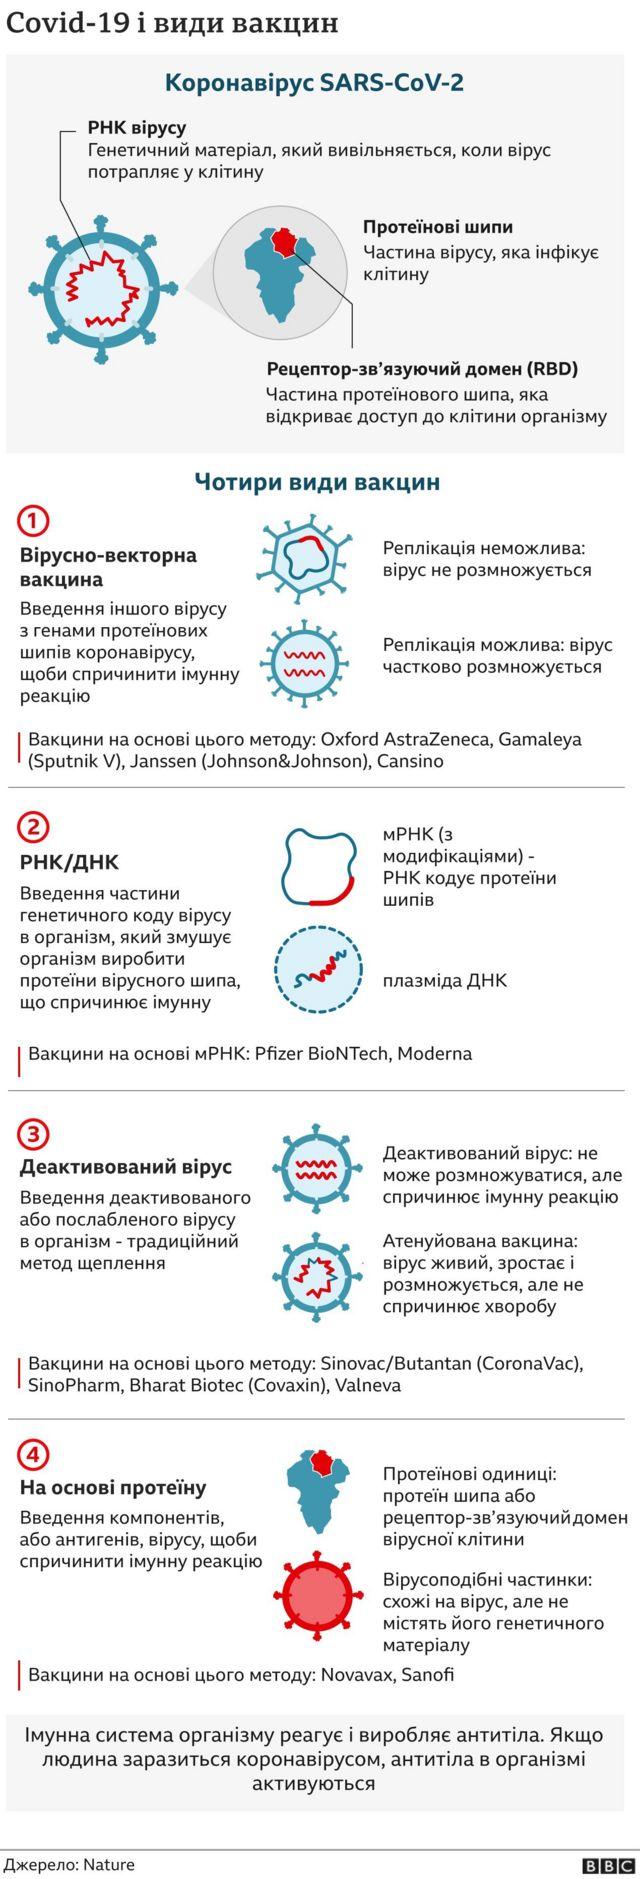 вакцини від Covid-19